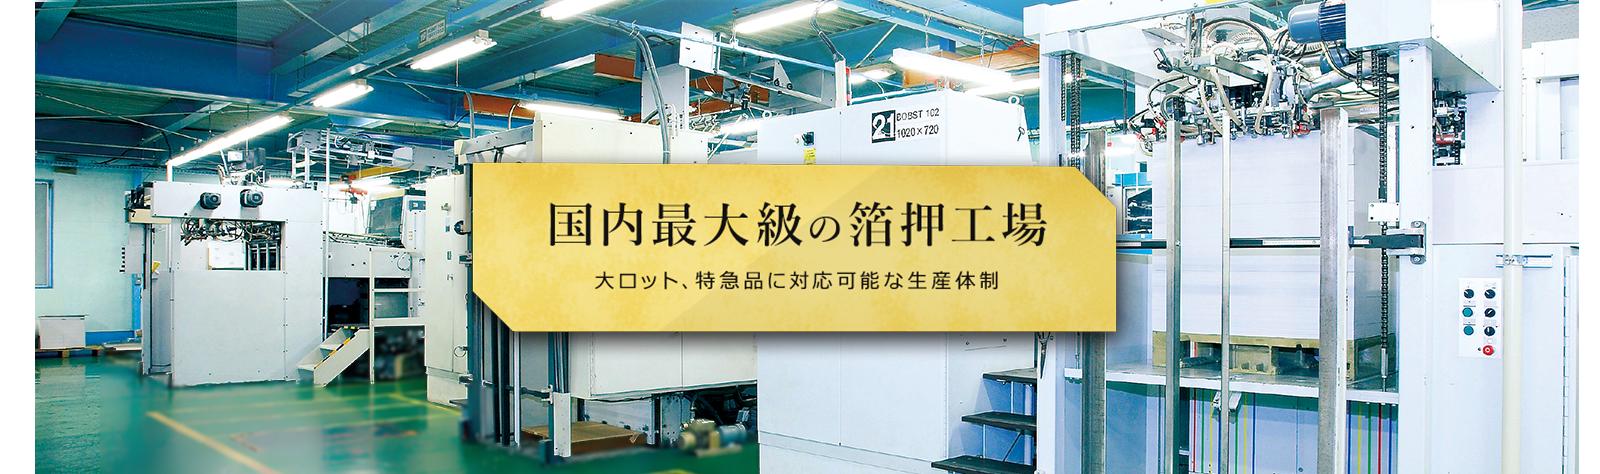 国内最大級の箔押工場 大ロット、特急品に完全対応可能な生産体制です。